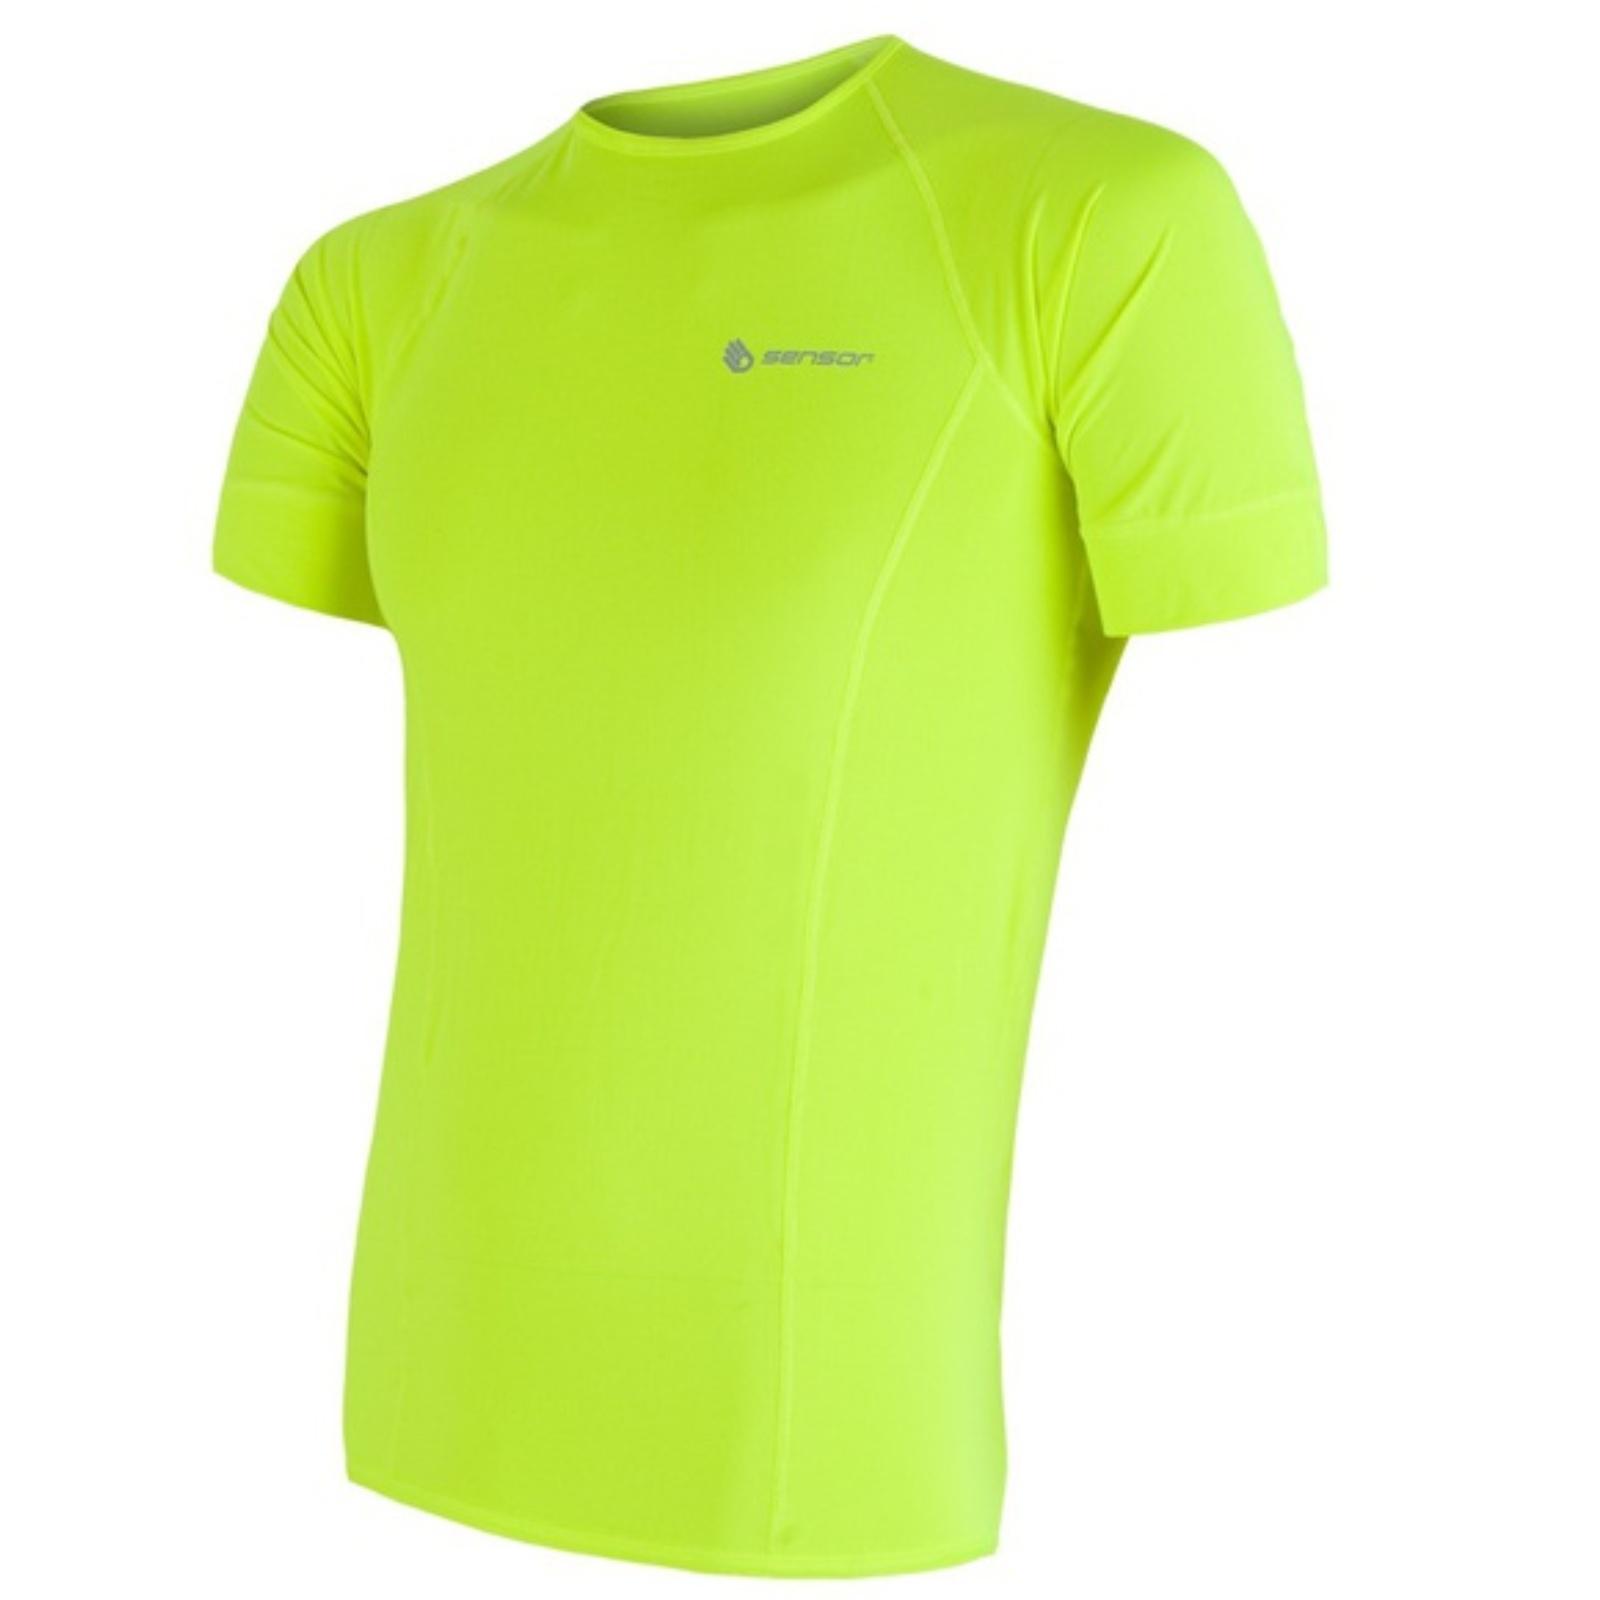 Tričko krátky rukáv SENSOR Coolmax Fresh pánske reflex žlté